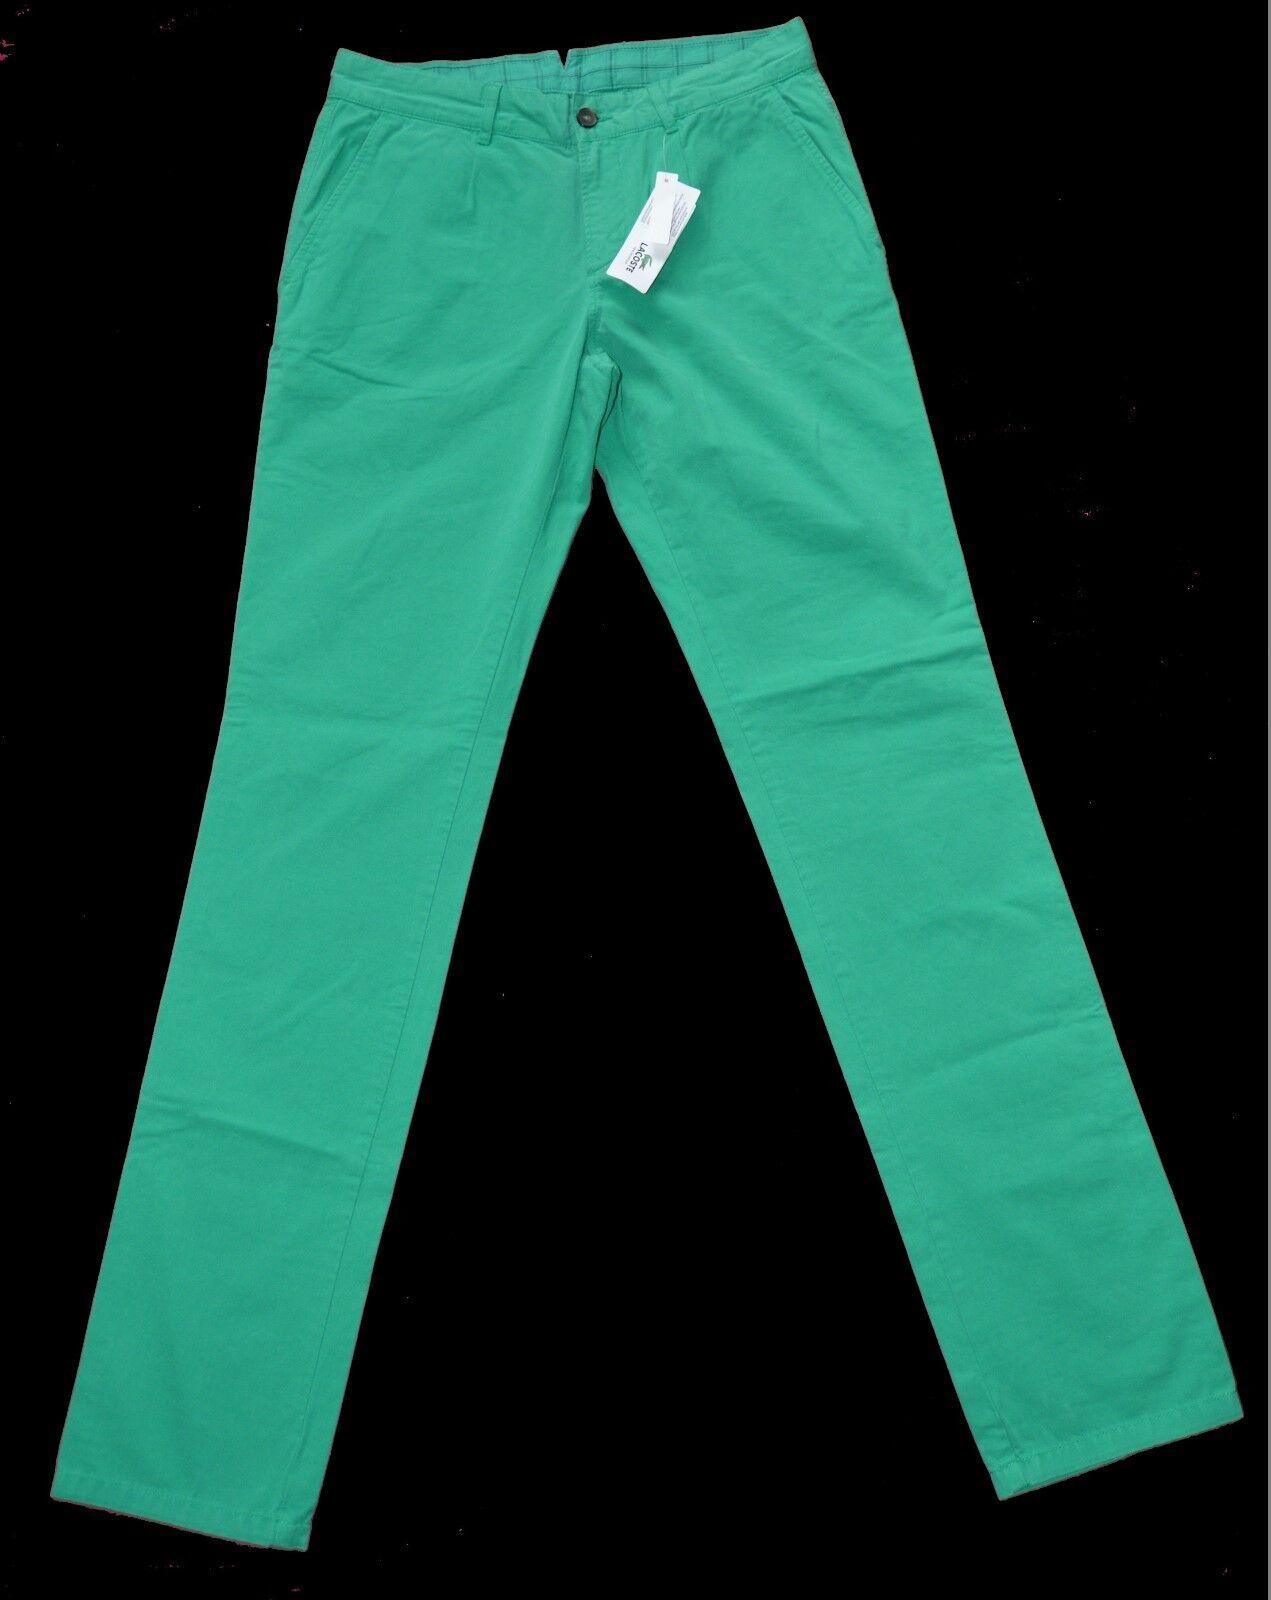 BNWT Lacoste Cotone Pantaloni casual w32 l34 l34 l34 verde GARANTITO ORIGINALE c91324